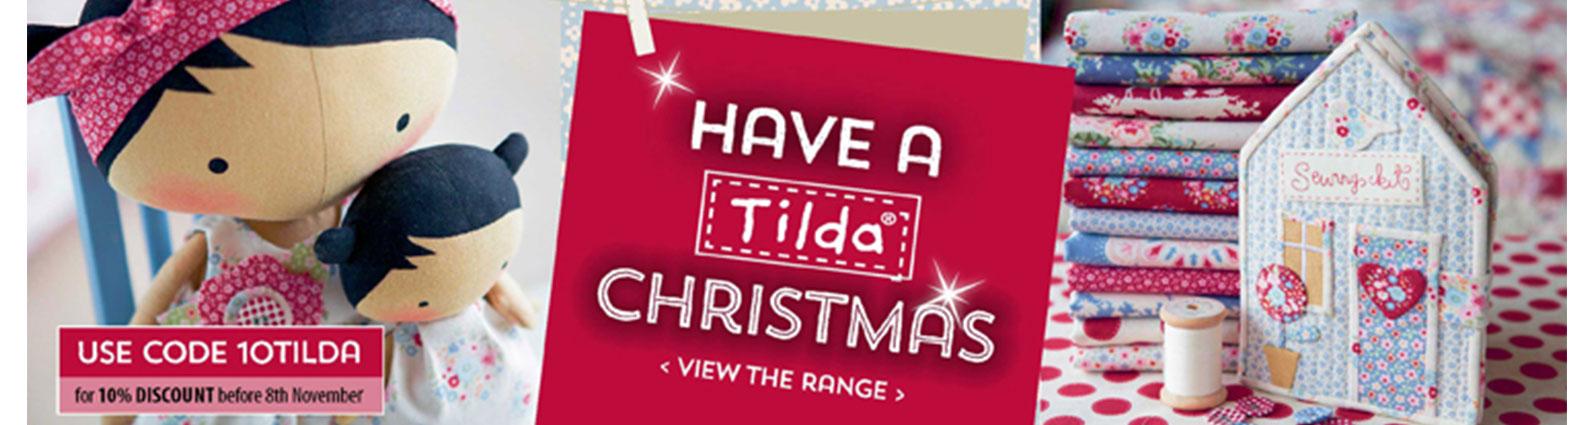 Have-a-Tilda-christmas